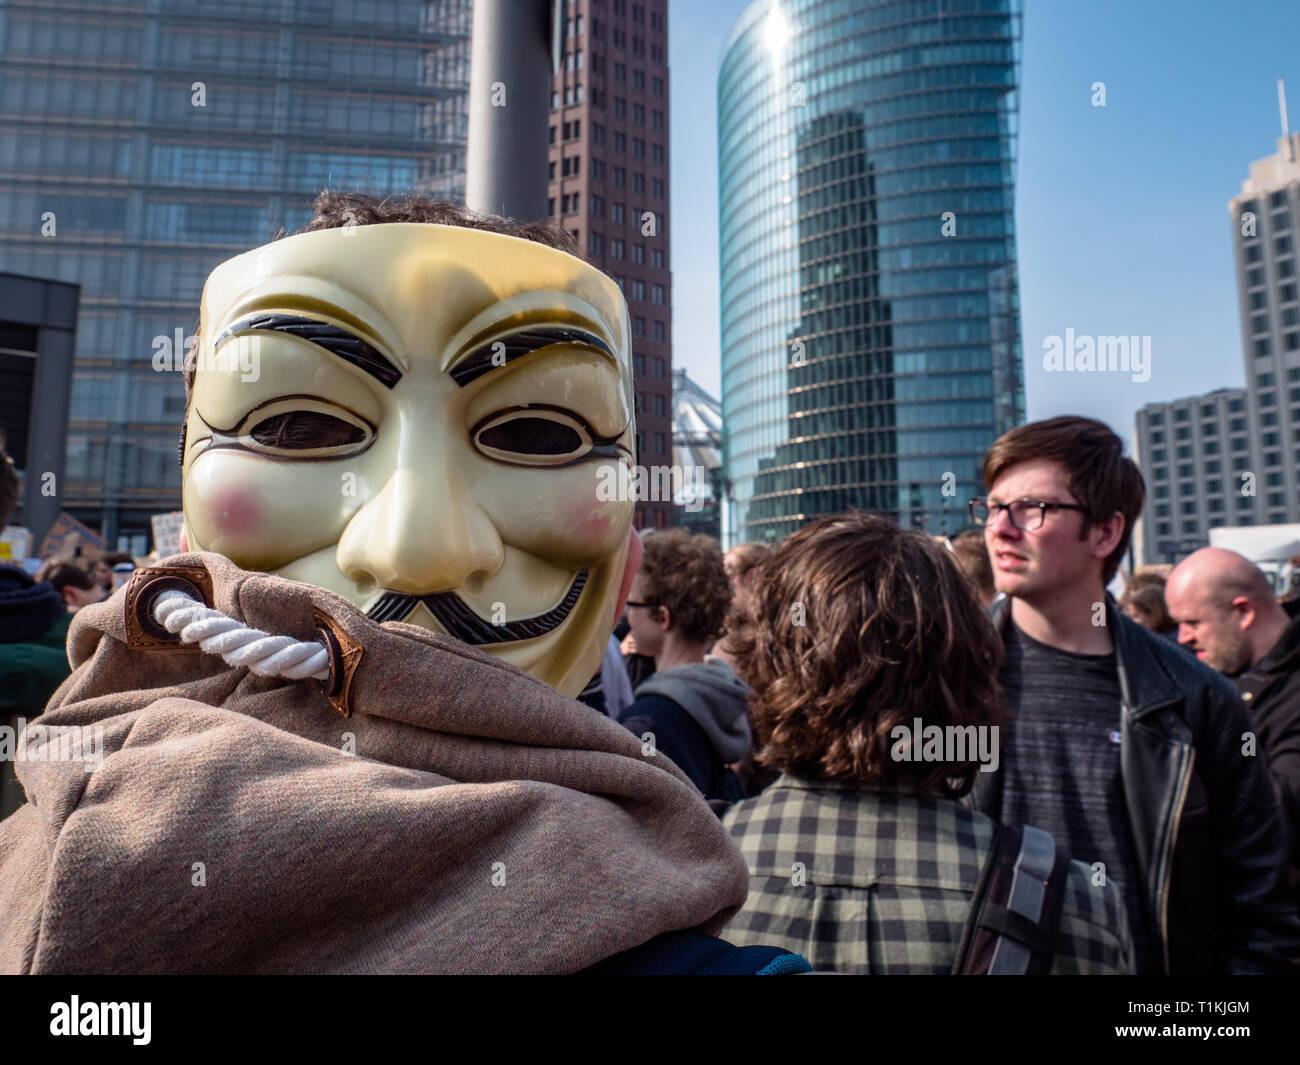 Berlin, Alemania - 23 de marzo de 2019: Manifestación contra la UE copyright Internet / reforma el artículo 11 y el artículo 13 en Berlín, Alemania Foto de stock